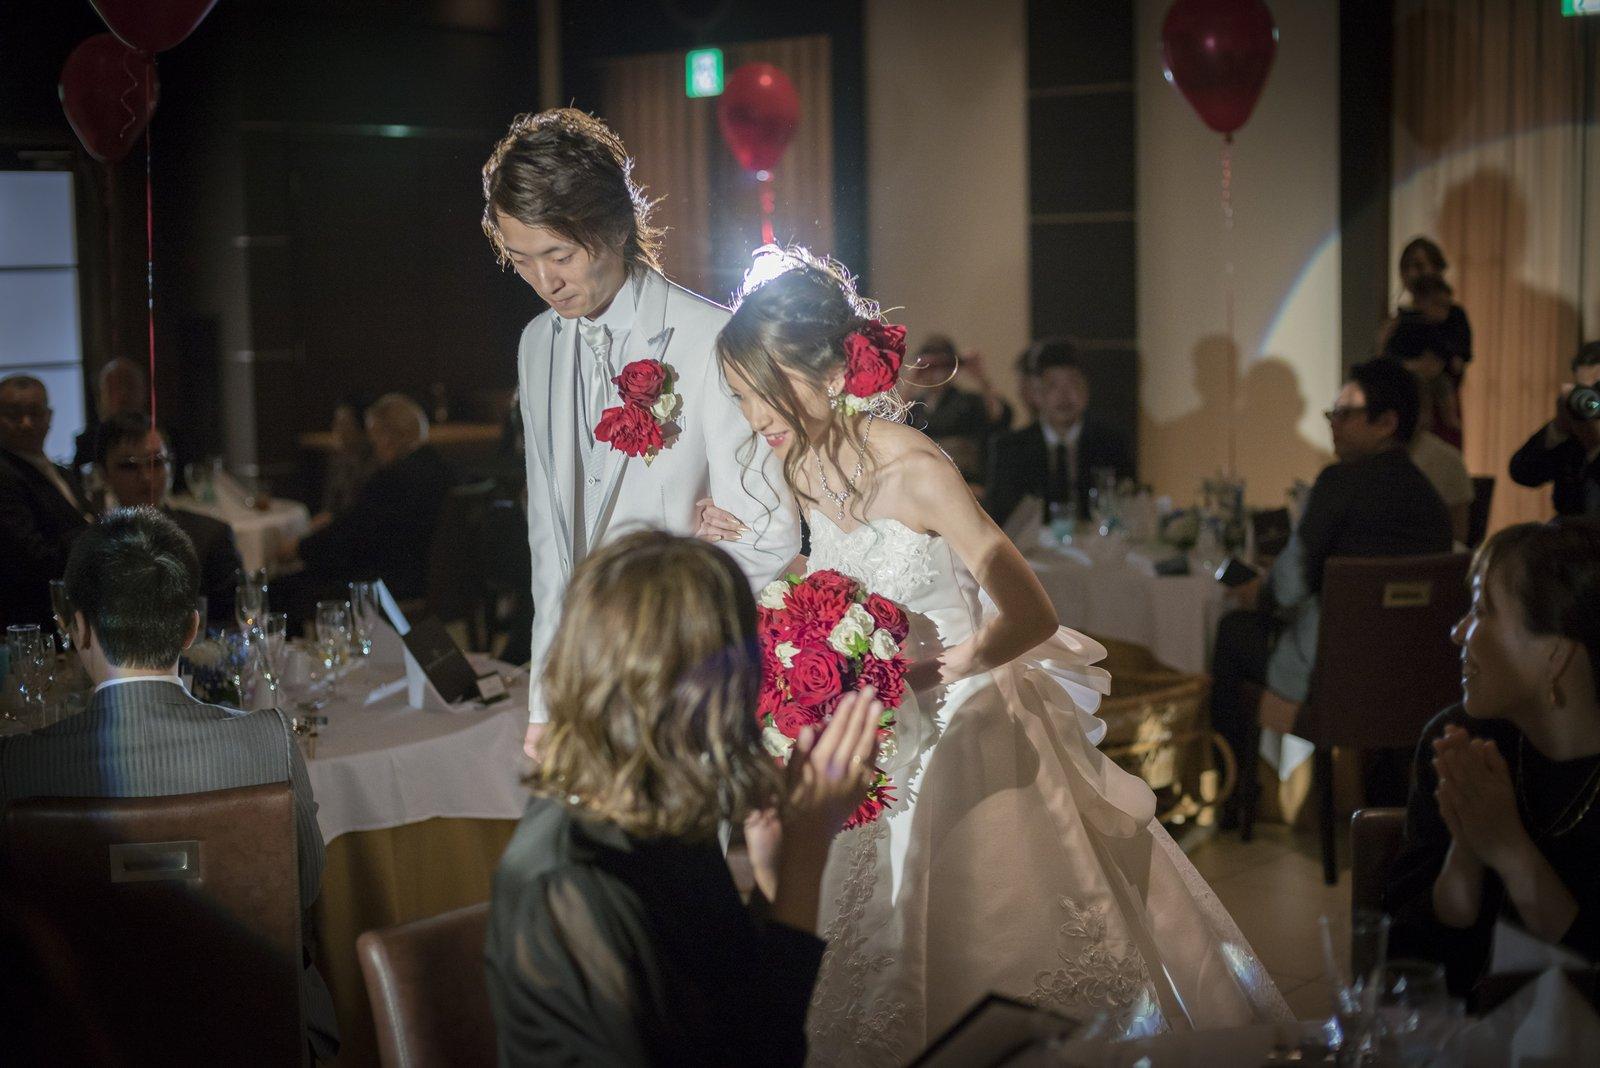 高松市の結婚式場アイルバレクラブの披露宴会場の入場シーン